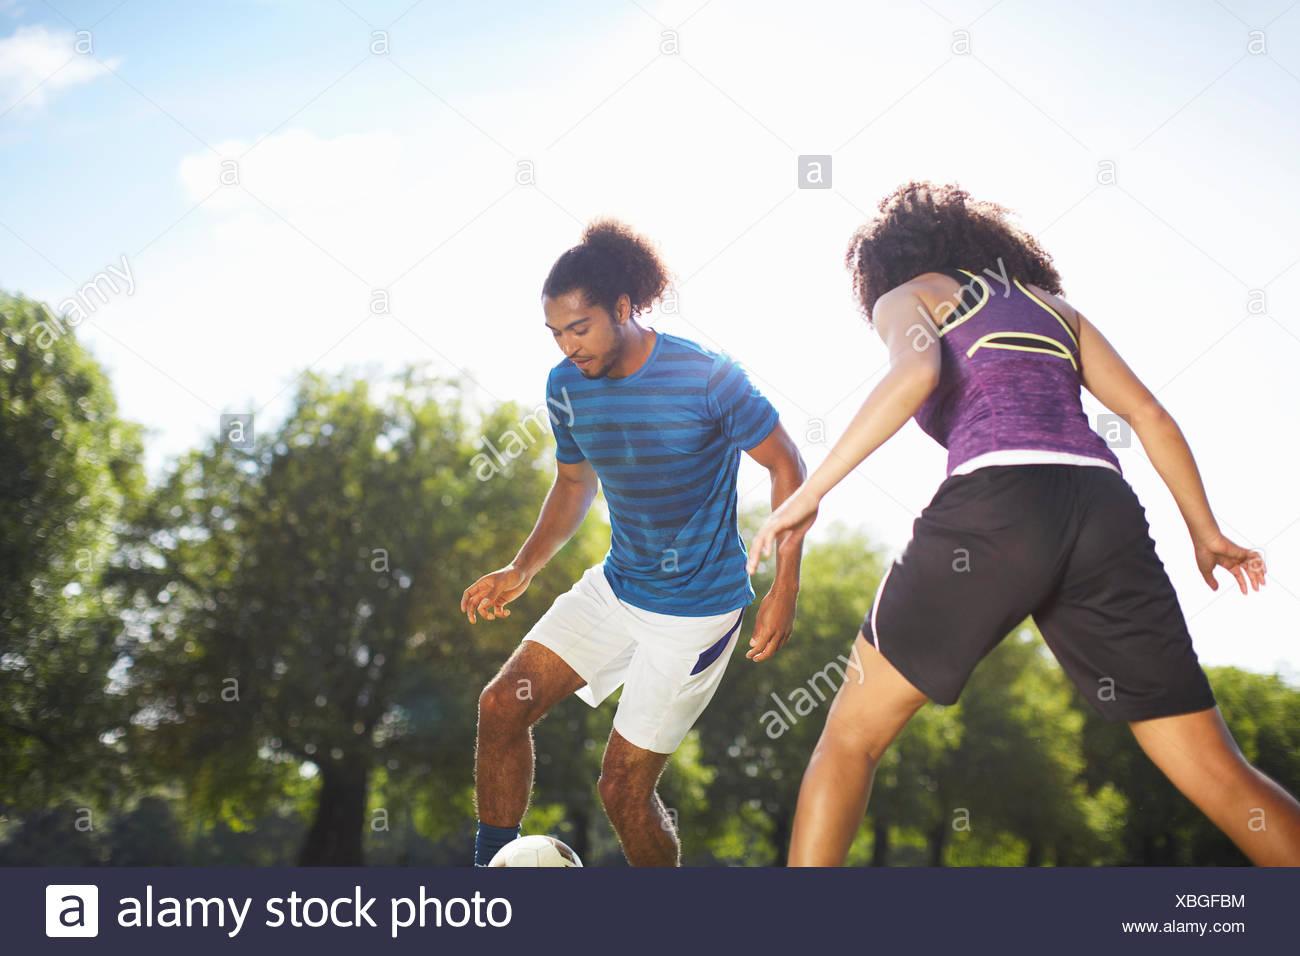 Pareja Joven Jugando Al Futbol En El Parque Foto Imagen De Stock